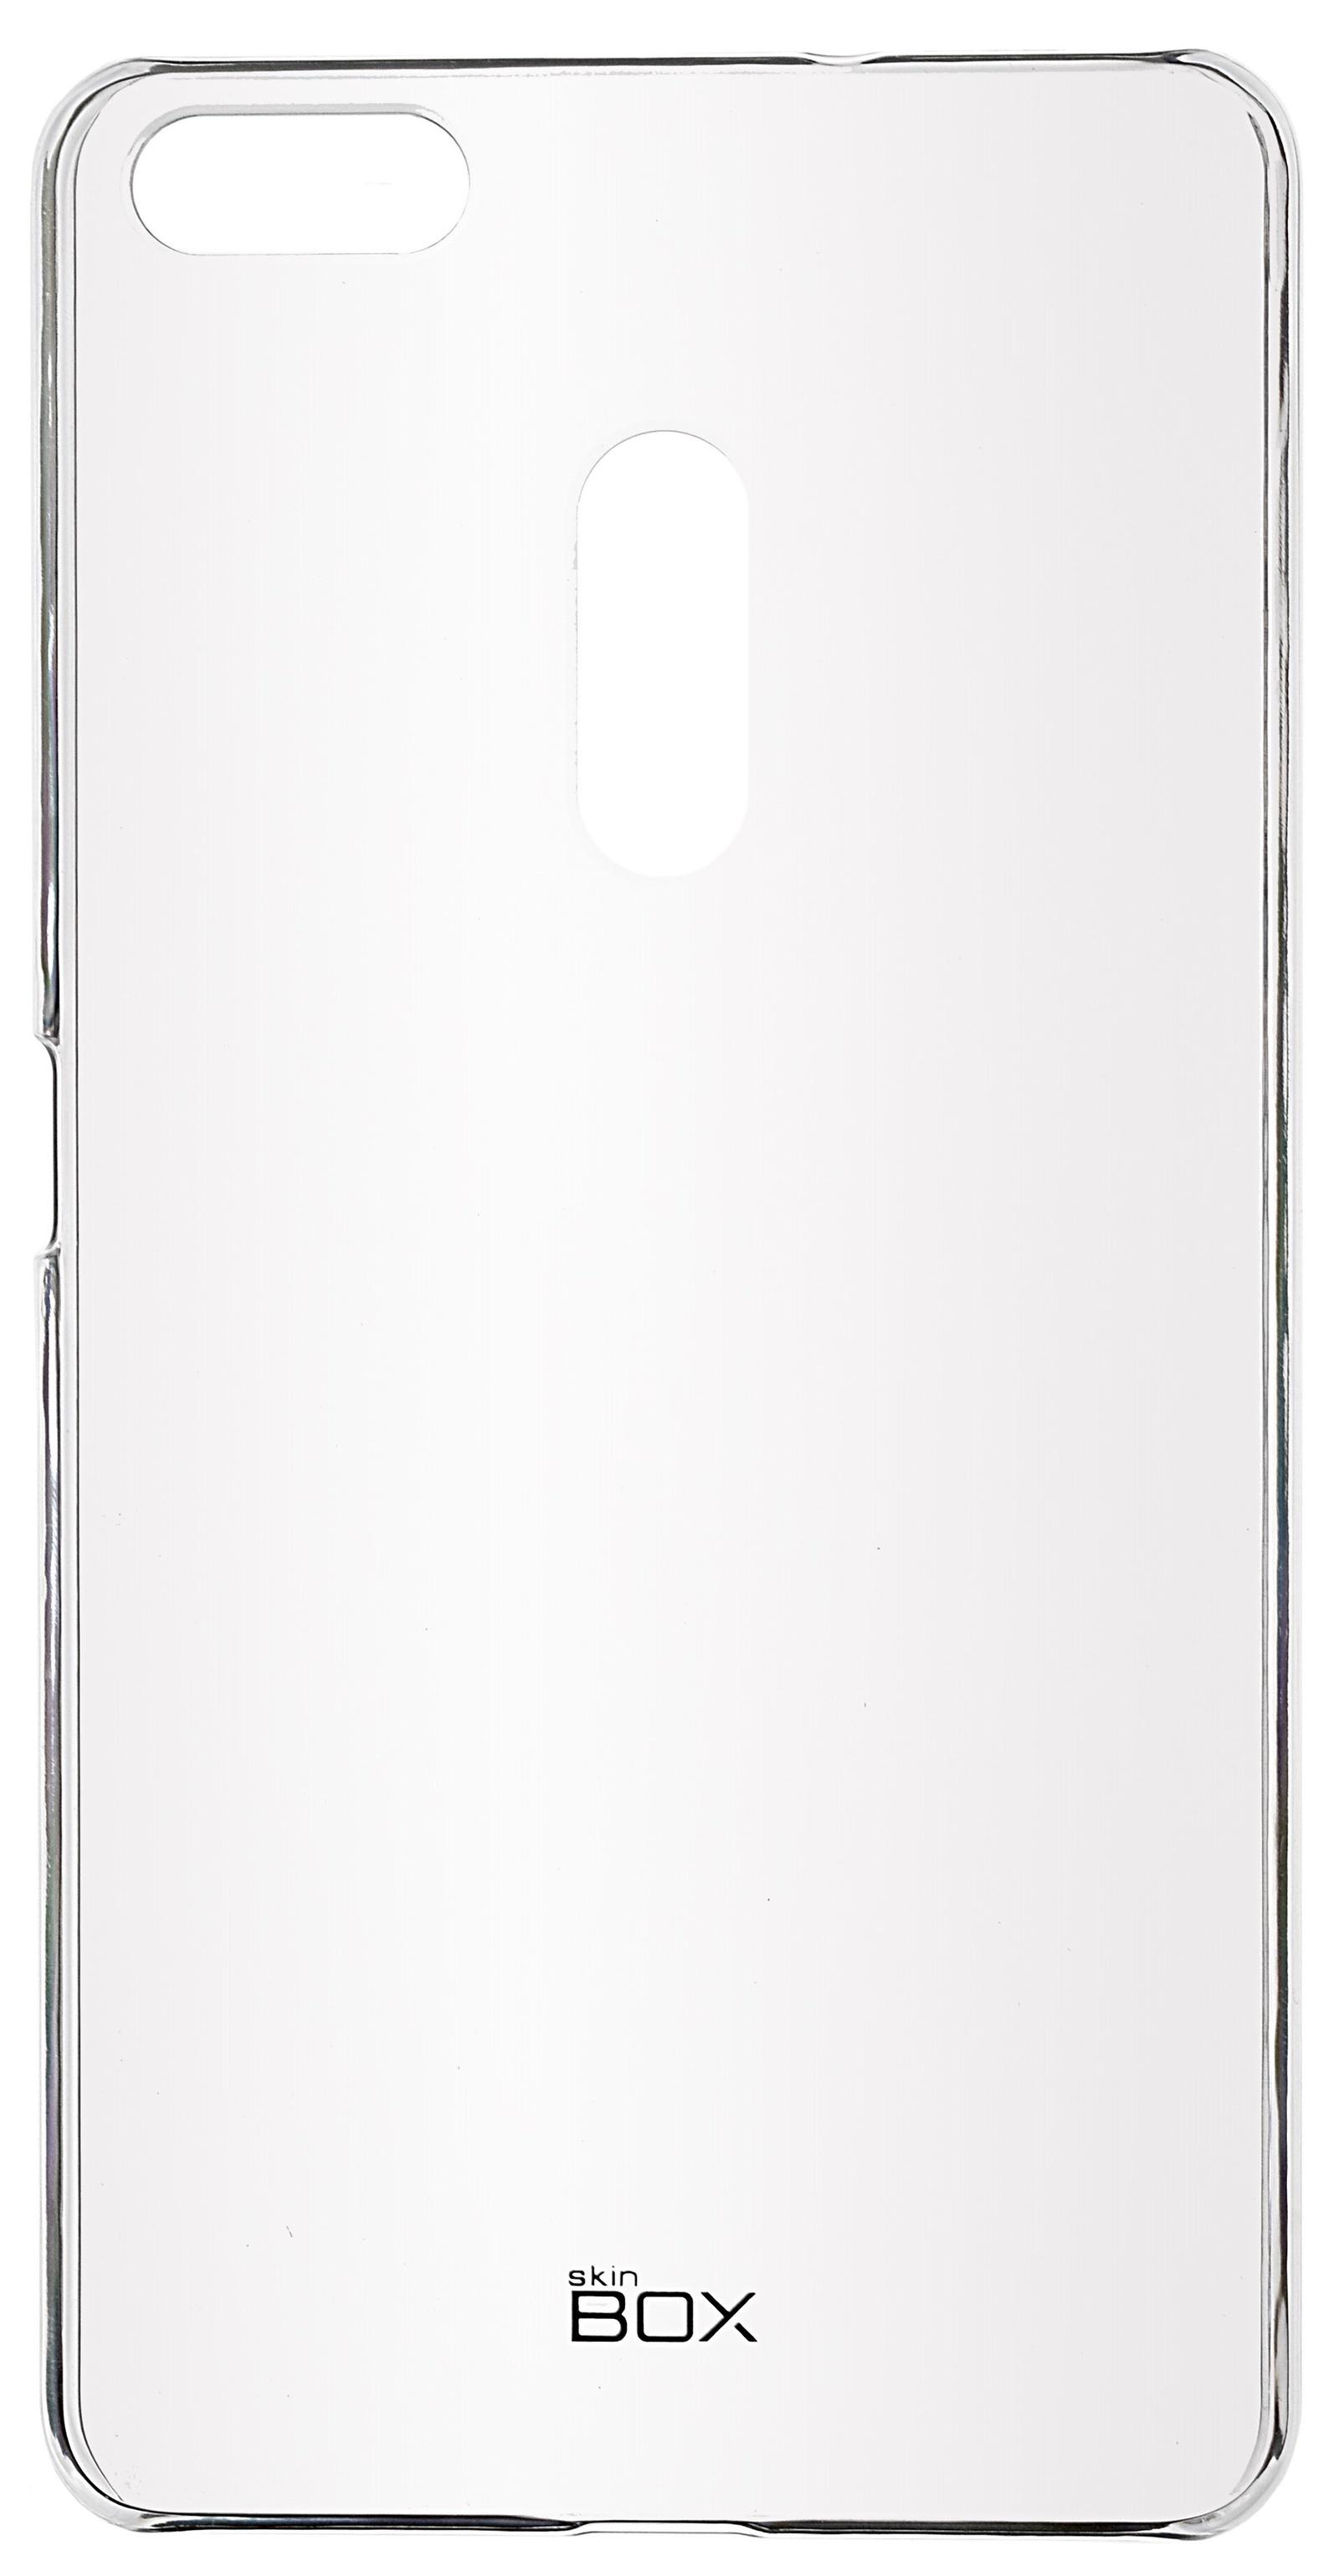 Чехол для сотового телефона skinBOX Crystal, 4630042528253, прозрачный чехол для сотового телефона skinbox crystal 4630042524613 прозрачный